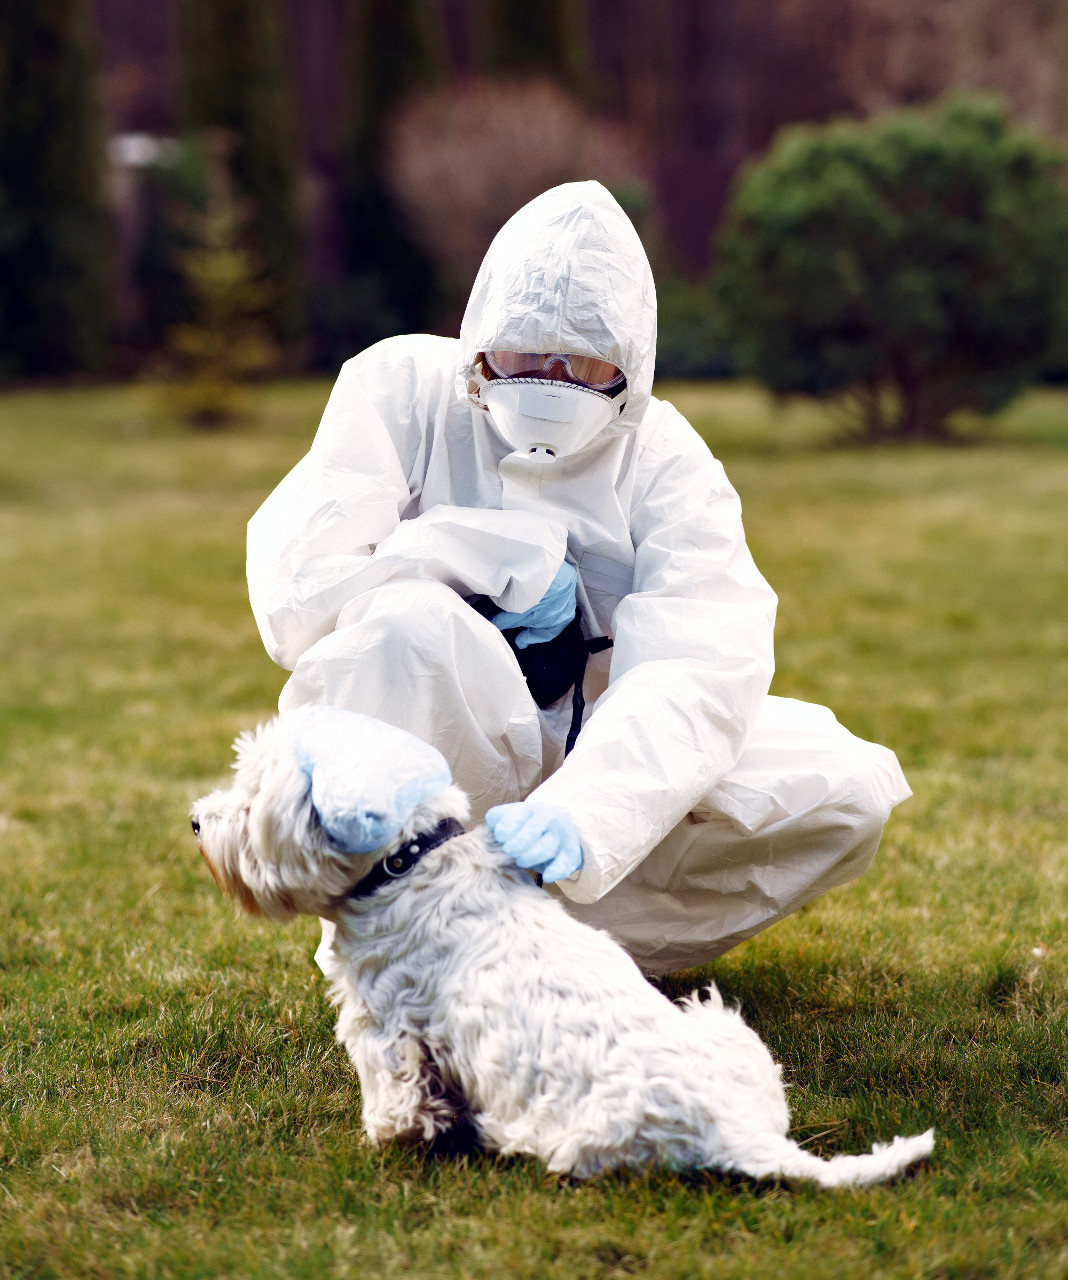 El hombre y el animal, juntos en la salud y la enfermedad